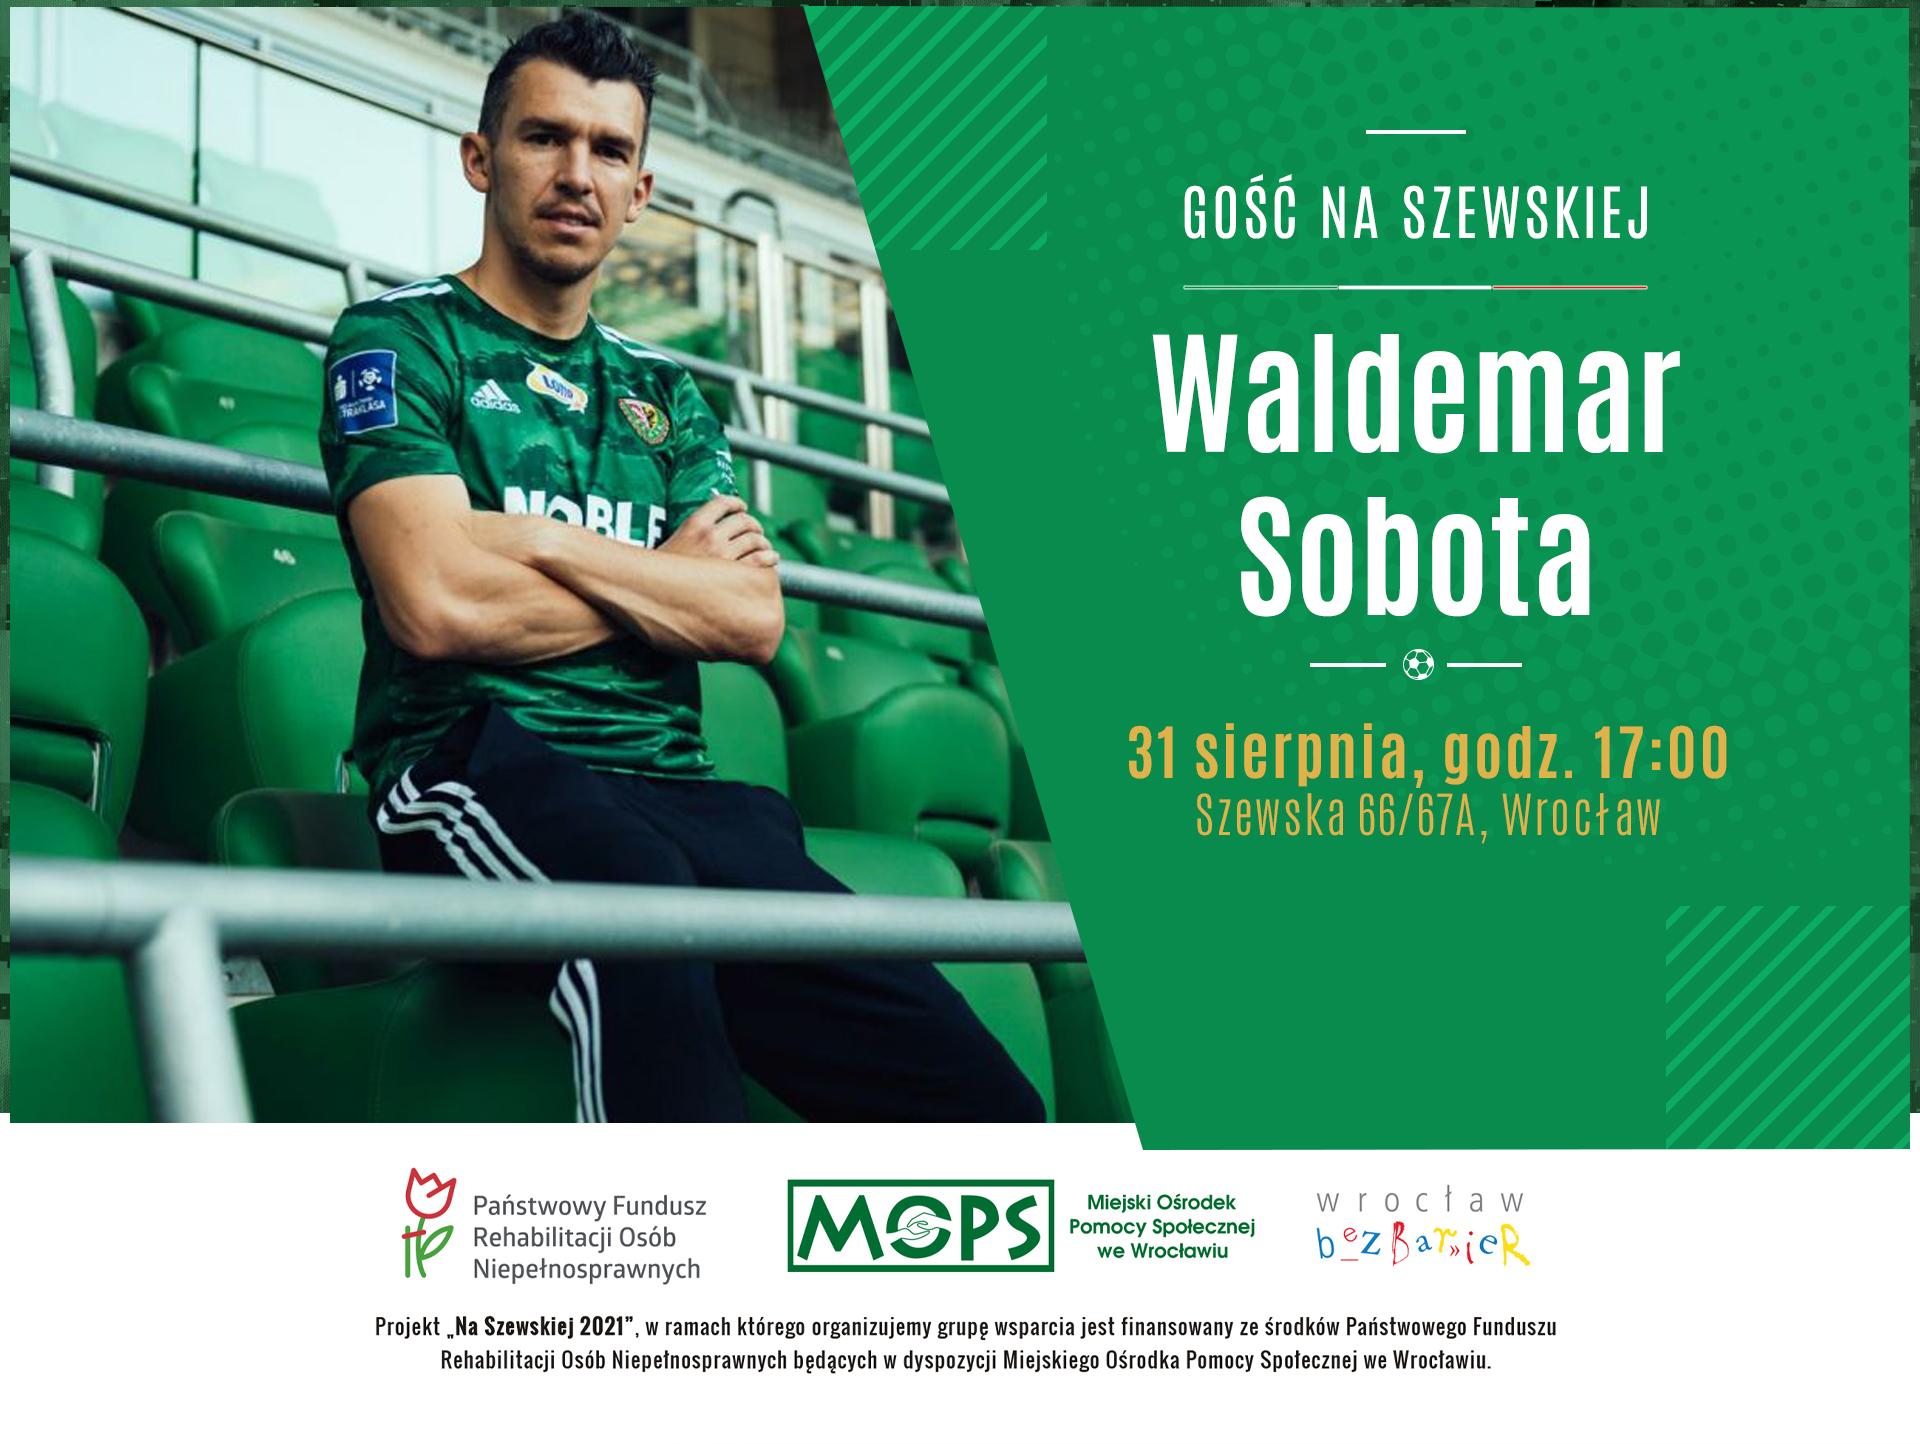 Po lewej stronie na trybunach siedzi Waldemar Sobota. Po prawej stronie napis: GOŚĆ NA SZEWSKIEJ. Waldemar Sobota. 31 sierpnia, godz. 17:00 Szewska 66/67A, Wrocław.